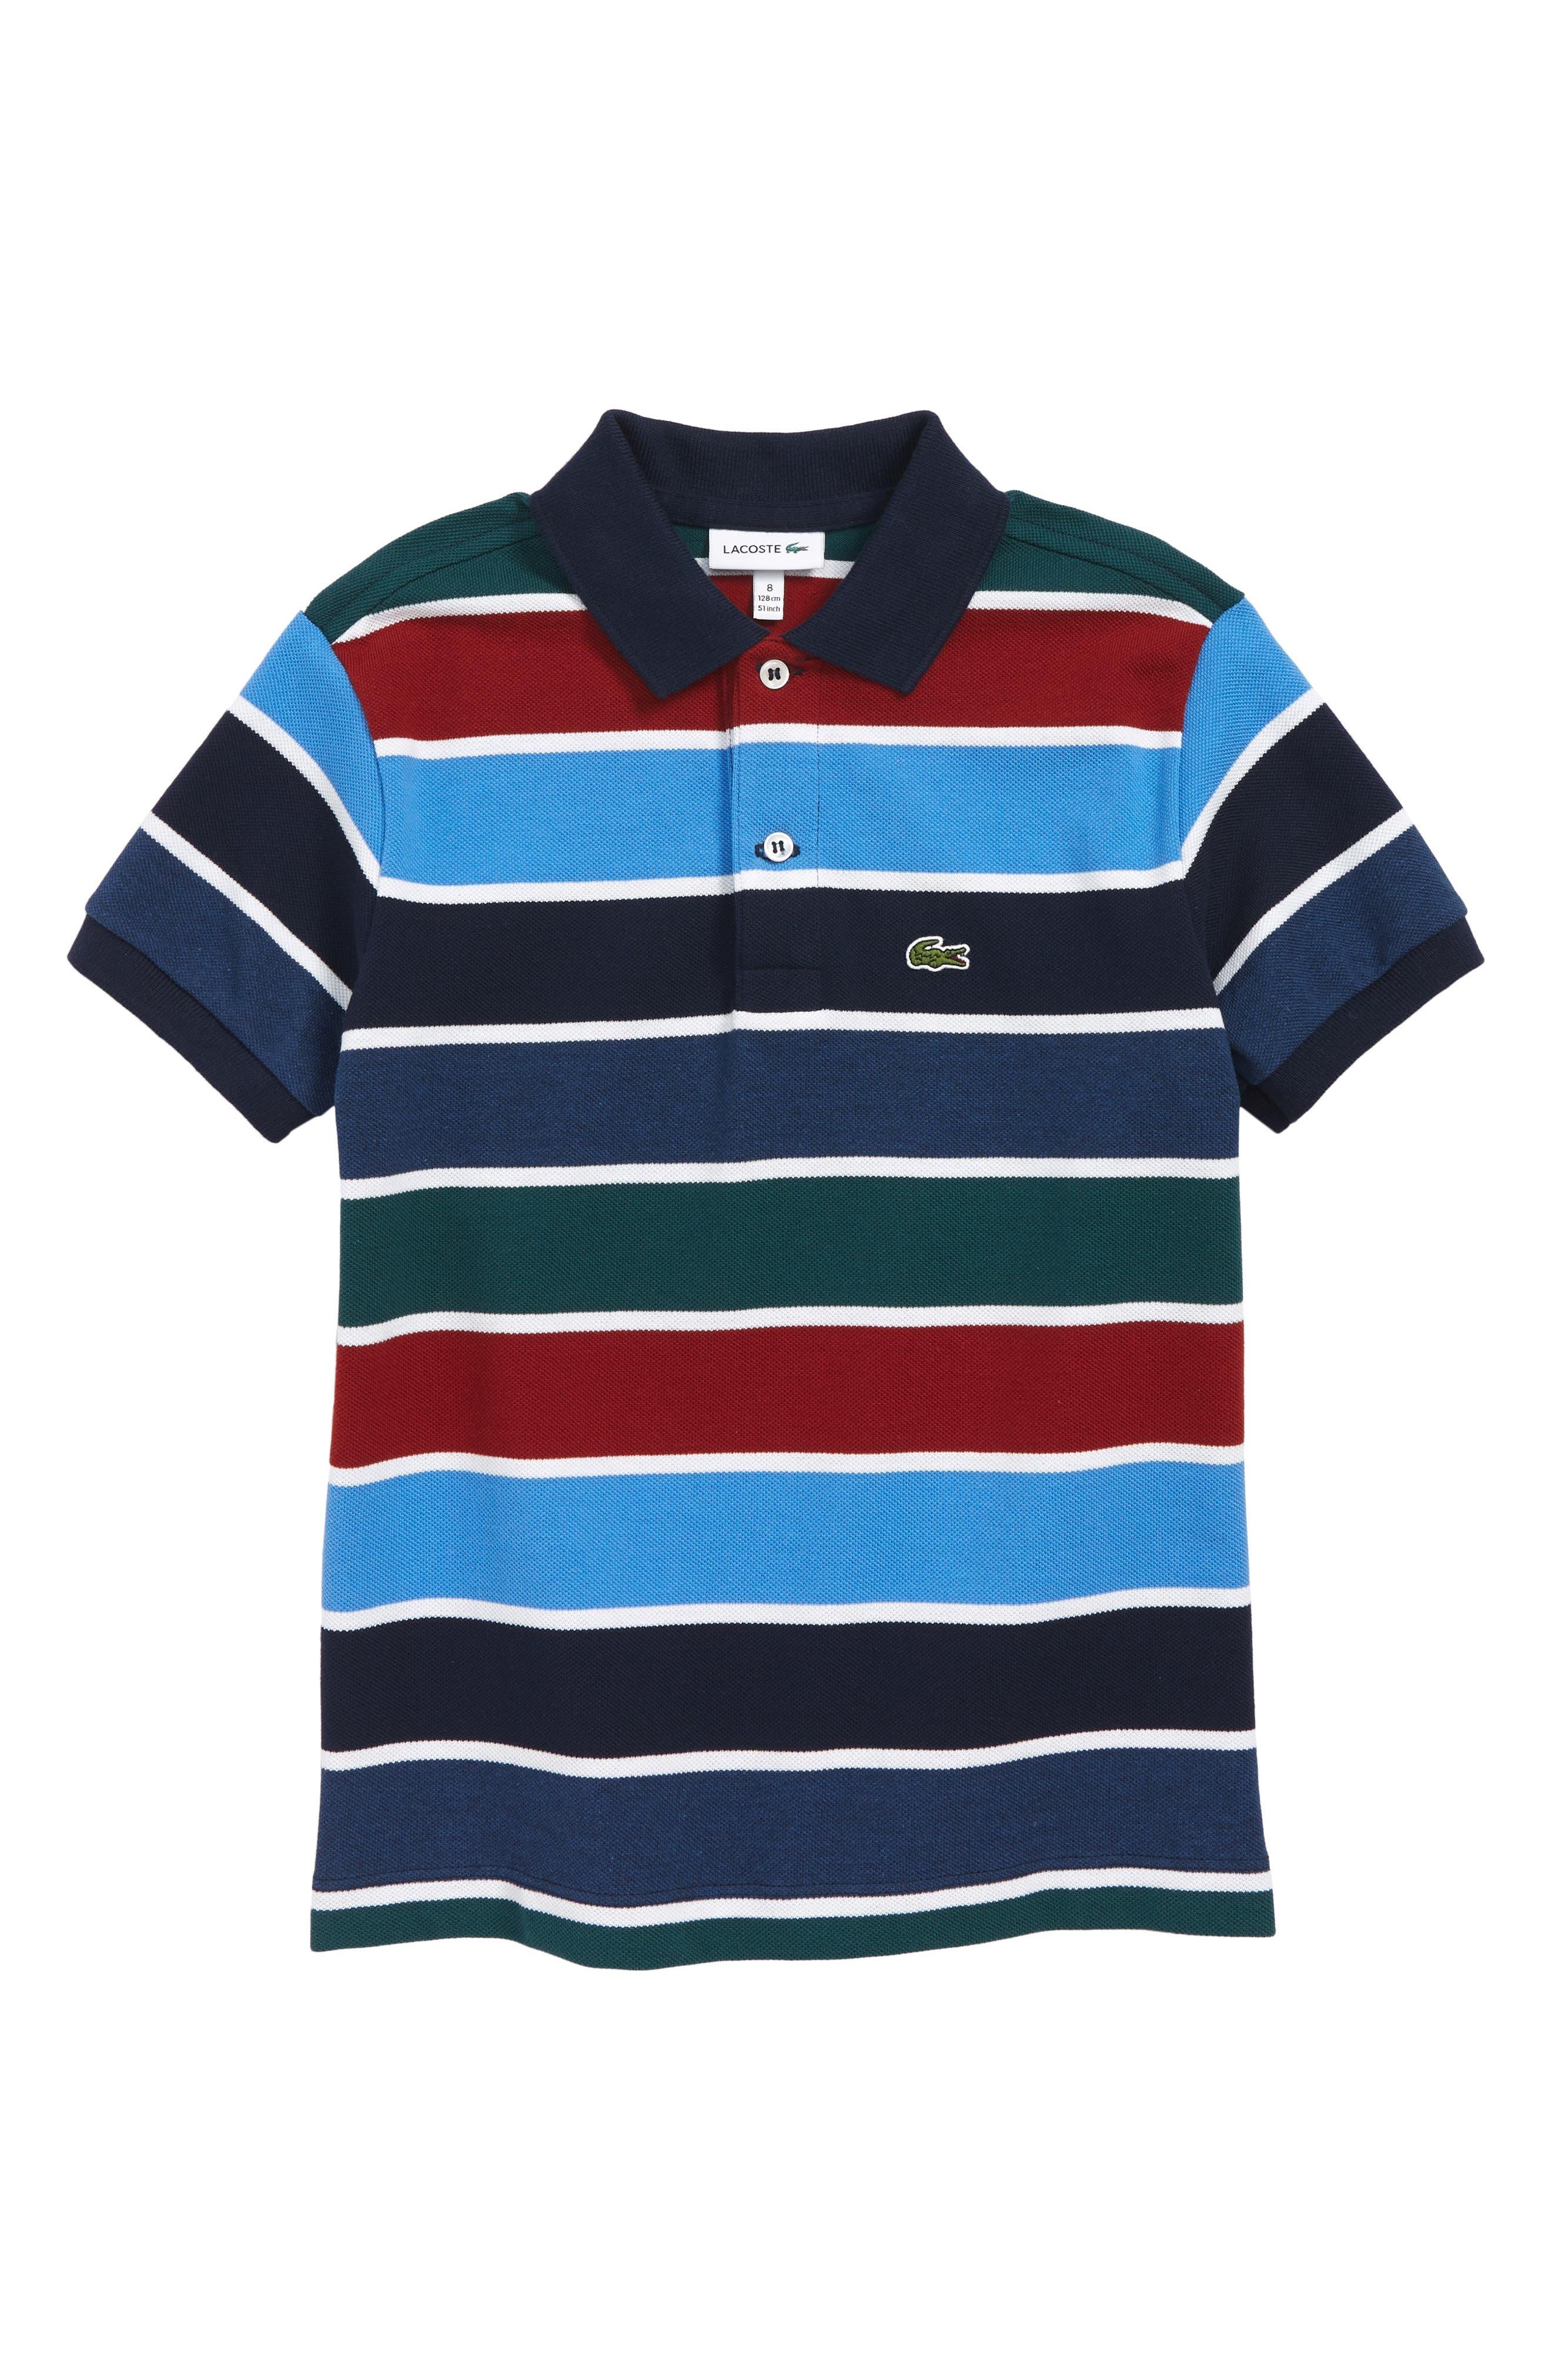 LACOSTE Multicolor Stripe Piqué Polo, Main, color, BLUE / WHITE